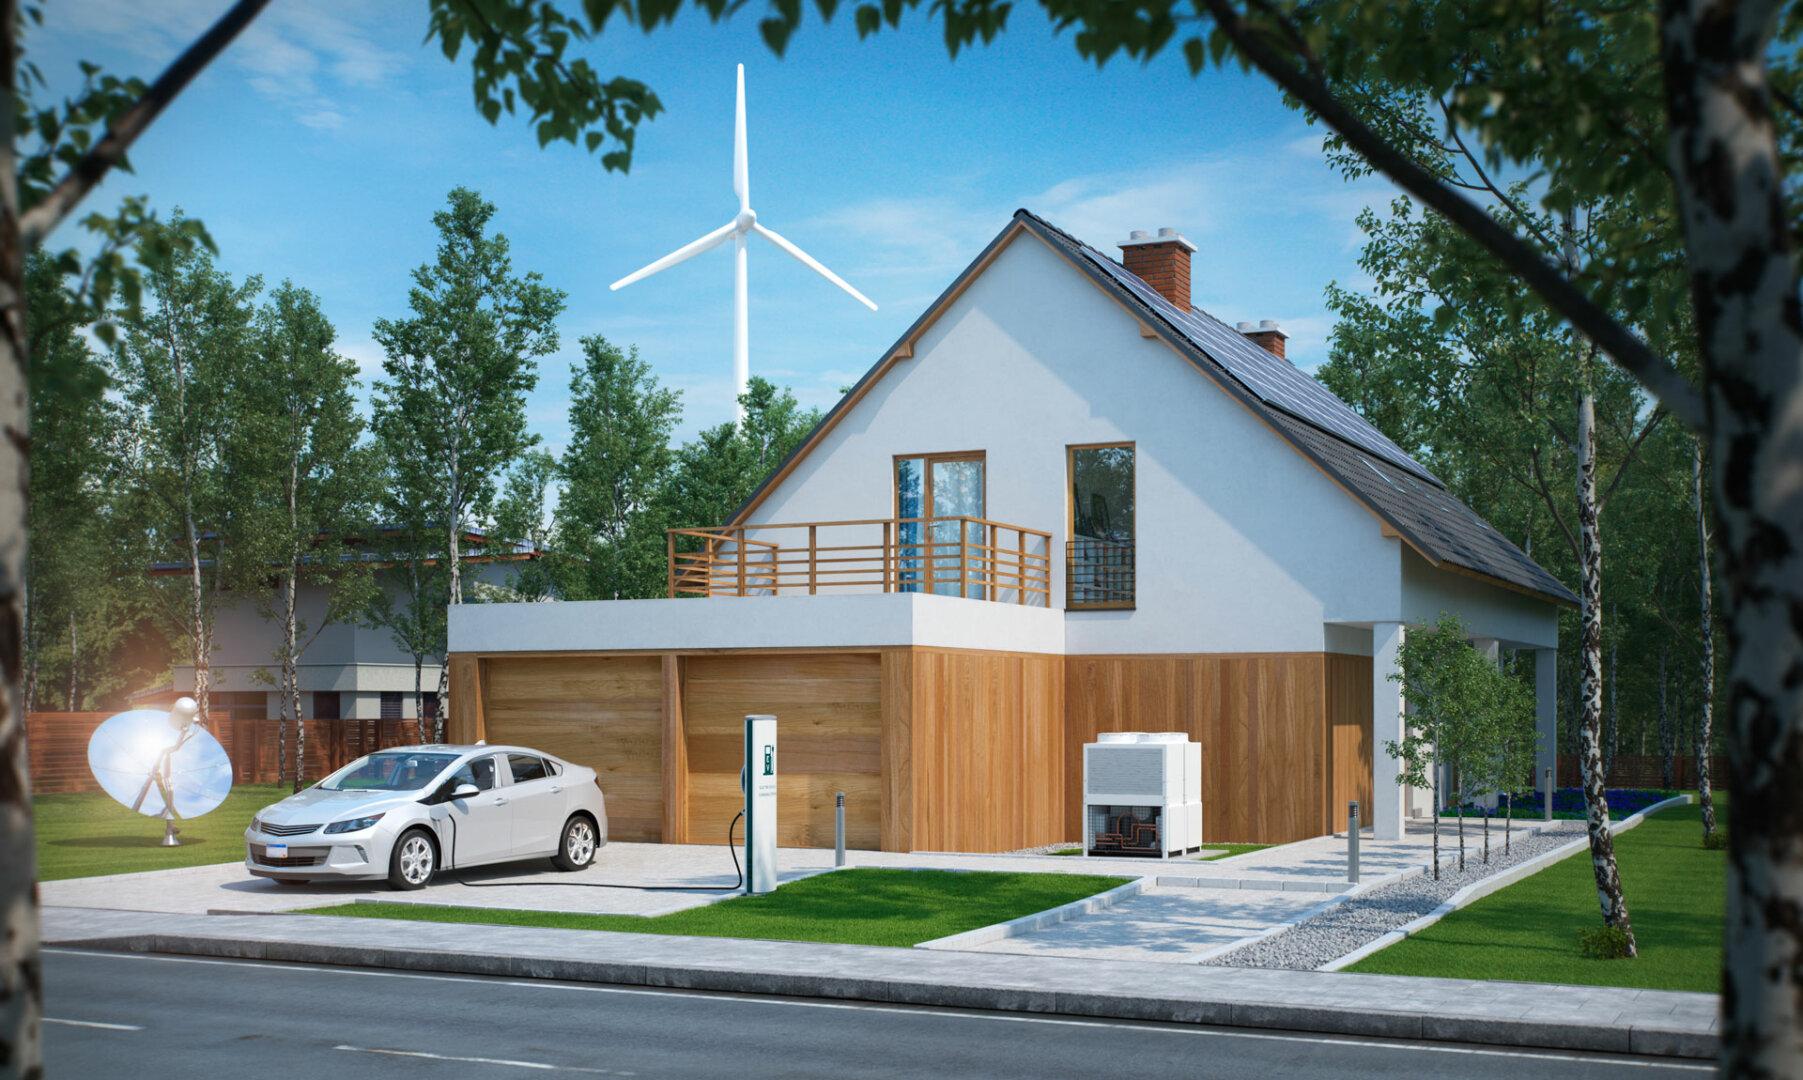 Wer nachhaltig bauen will, muss die Elektromobilität einbeziehen